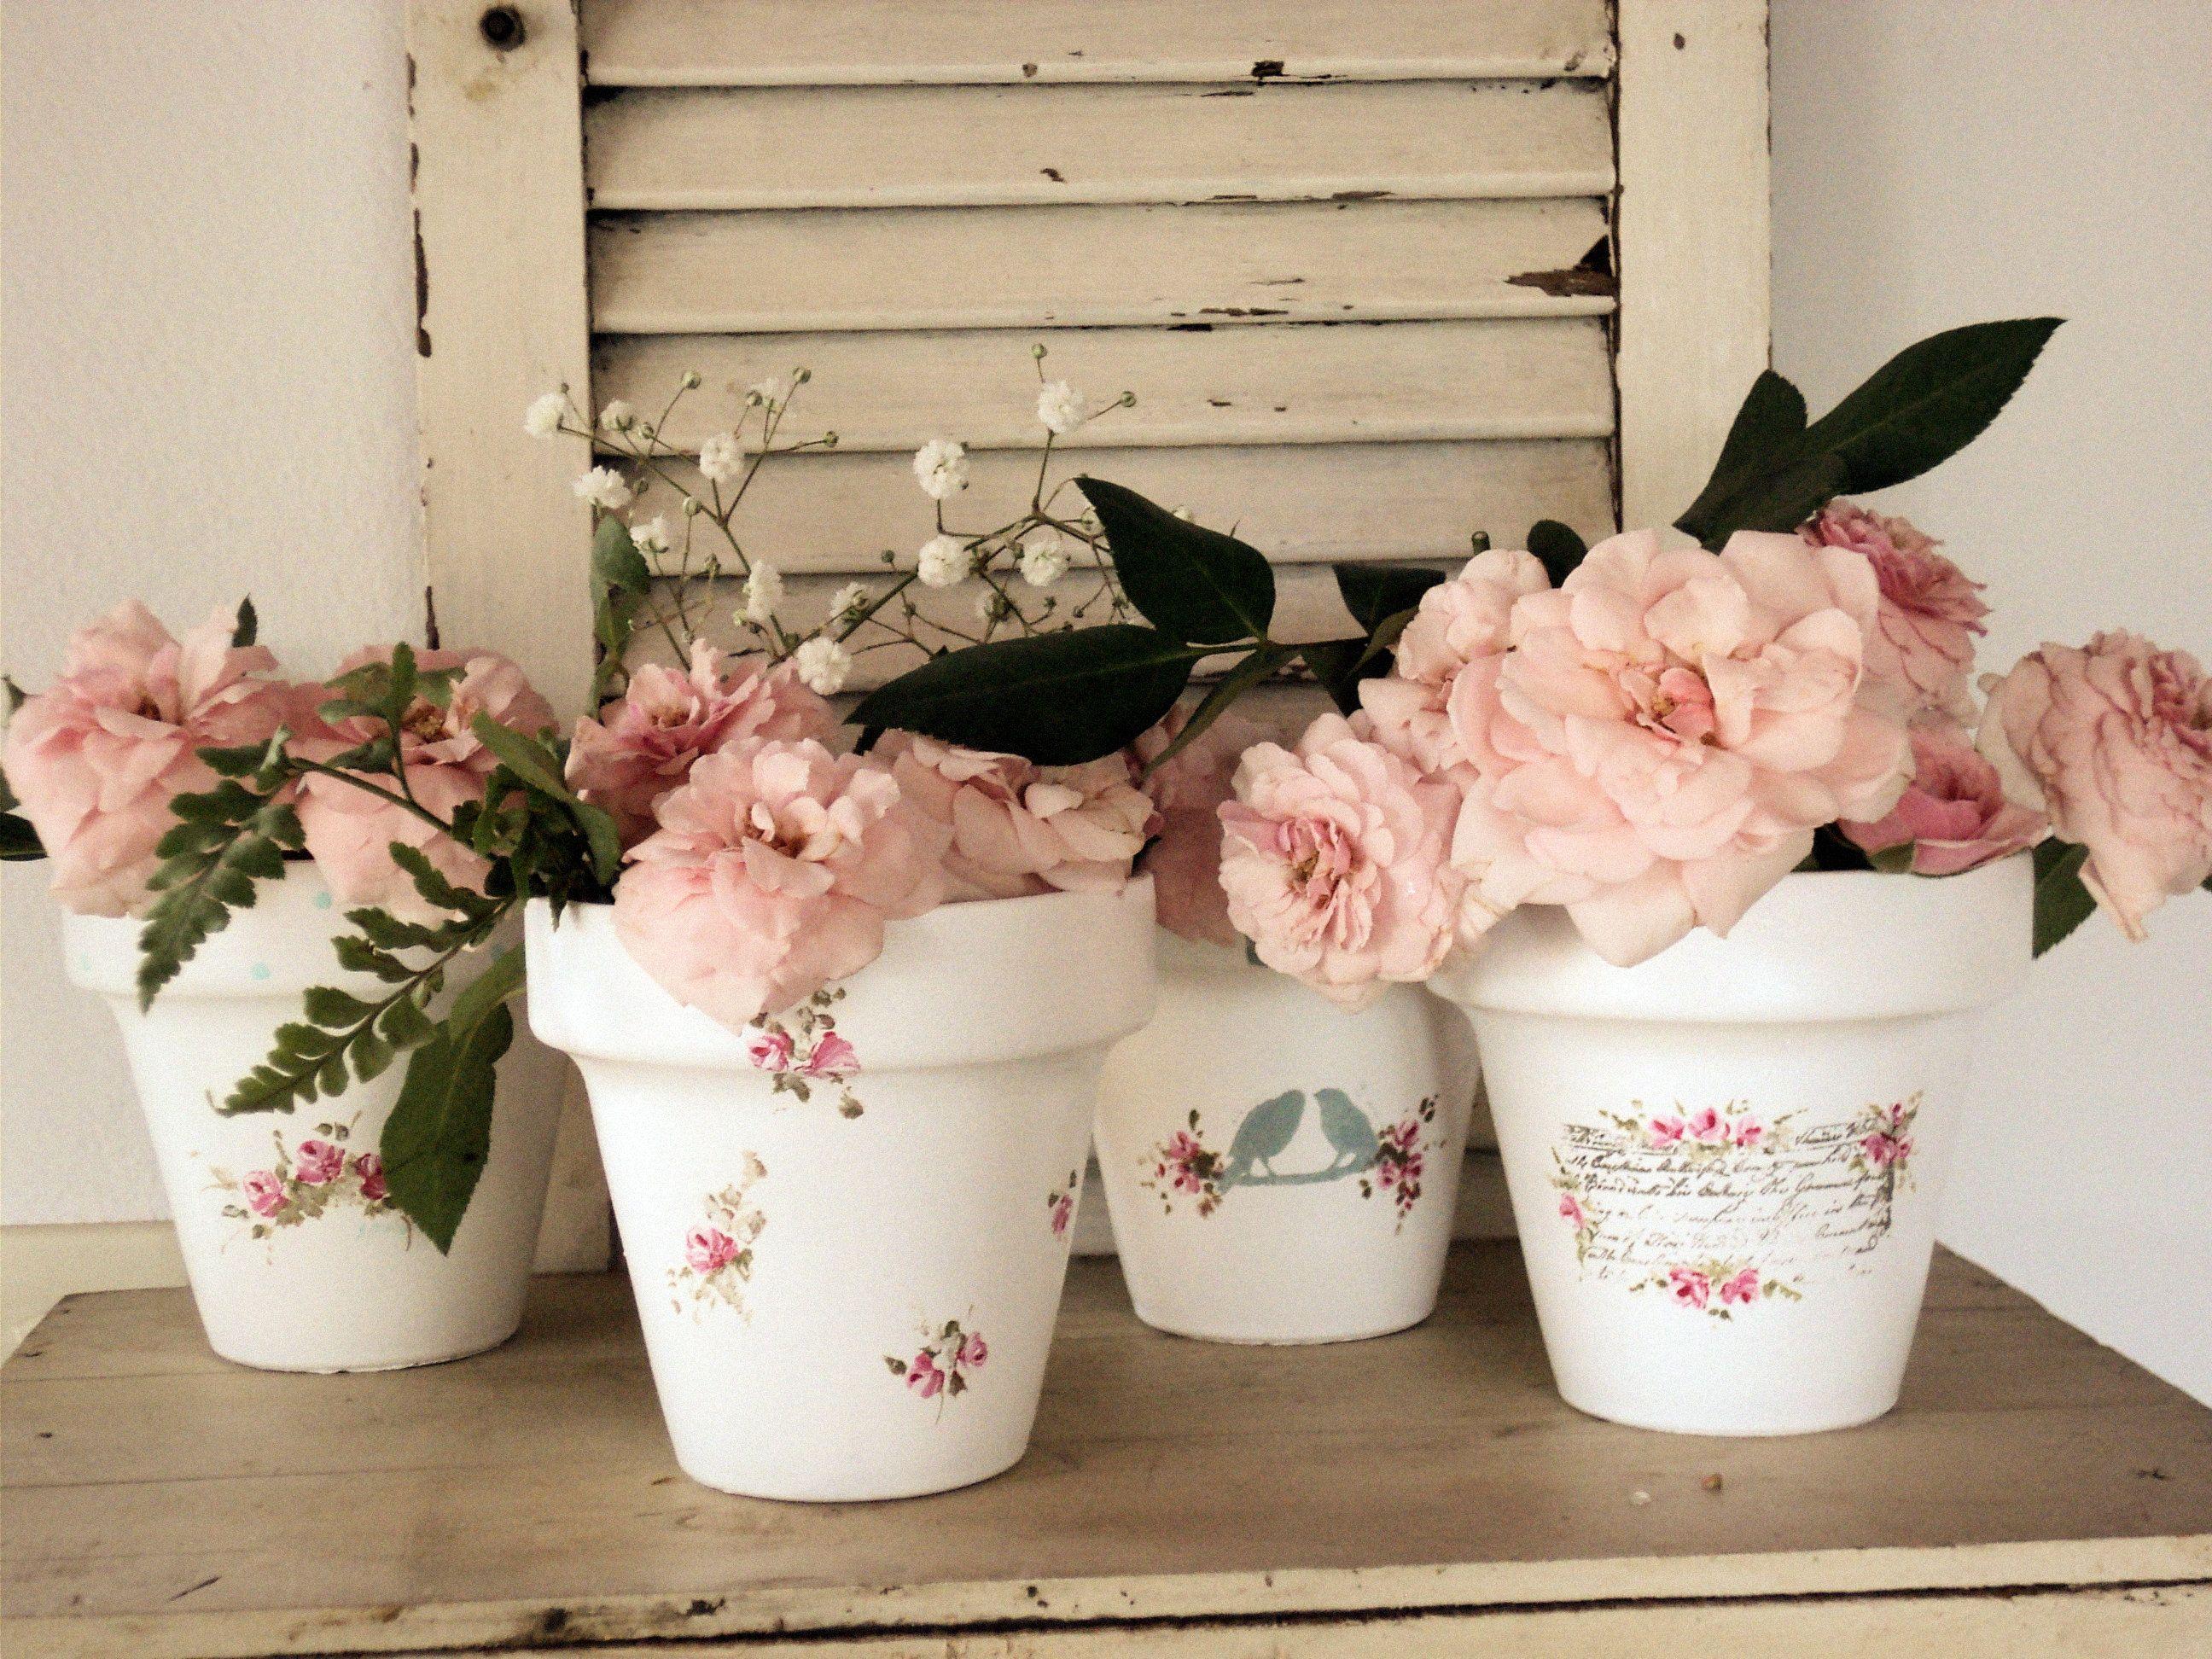 Todo con las flores decorar crear degustar cuidar - Decorar estilo shabby chic ...